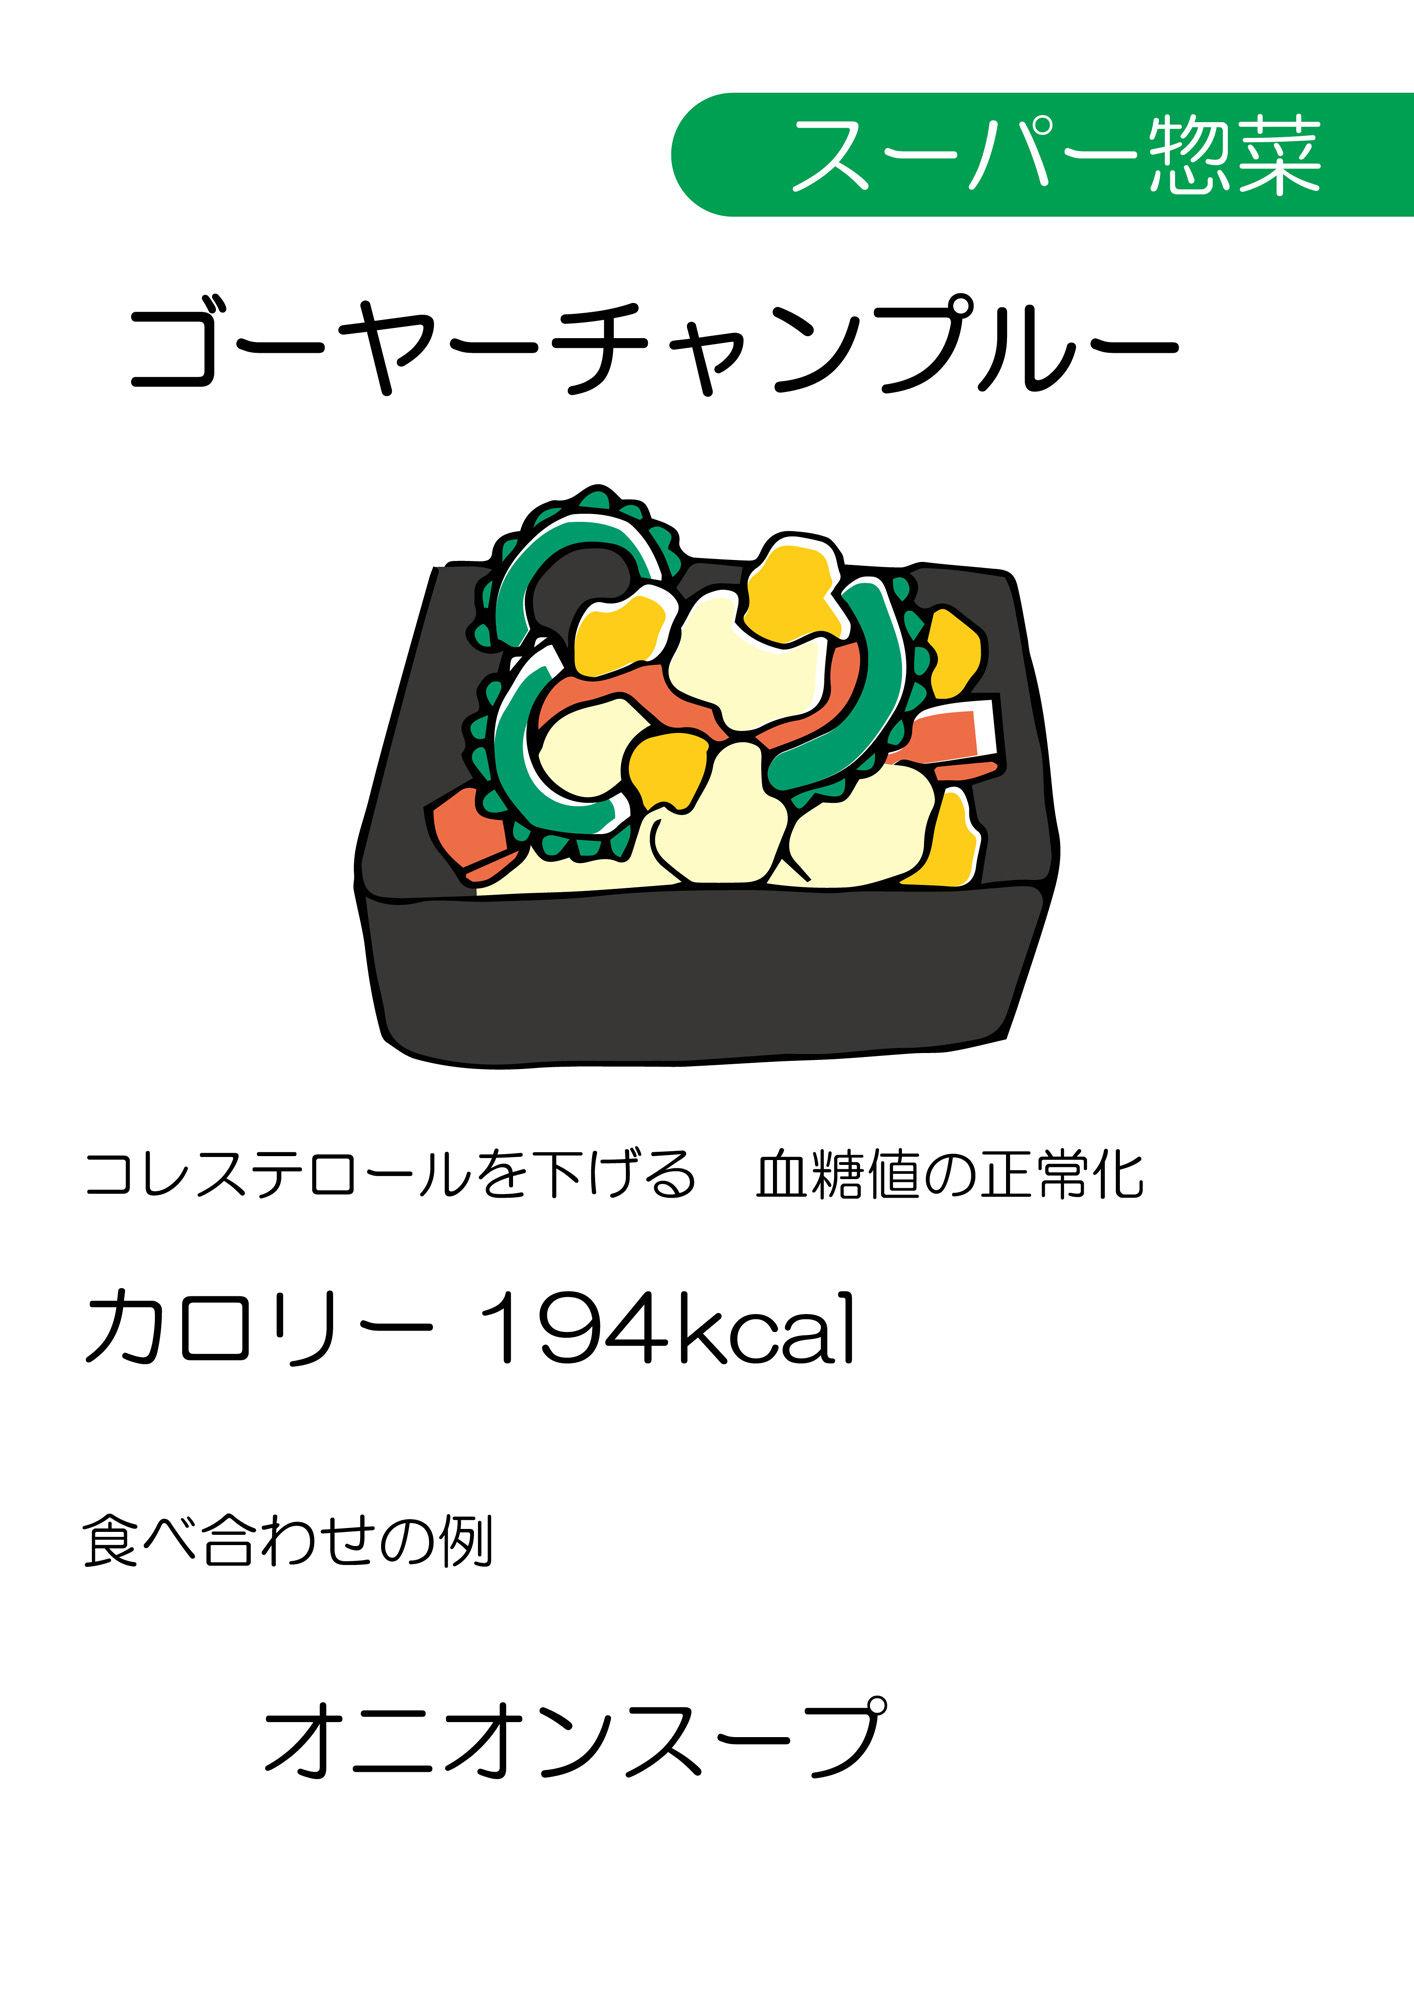 忙しい独身男性のための「超簡単」惣菜ダイエット